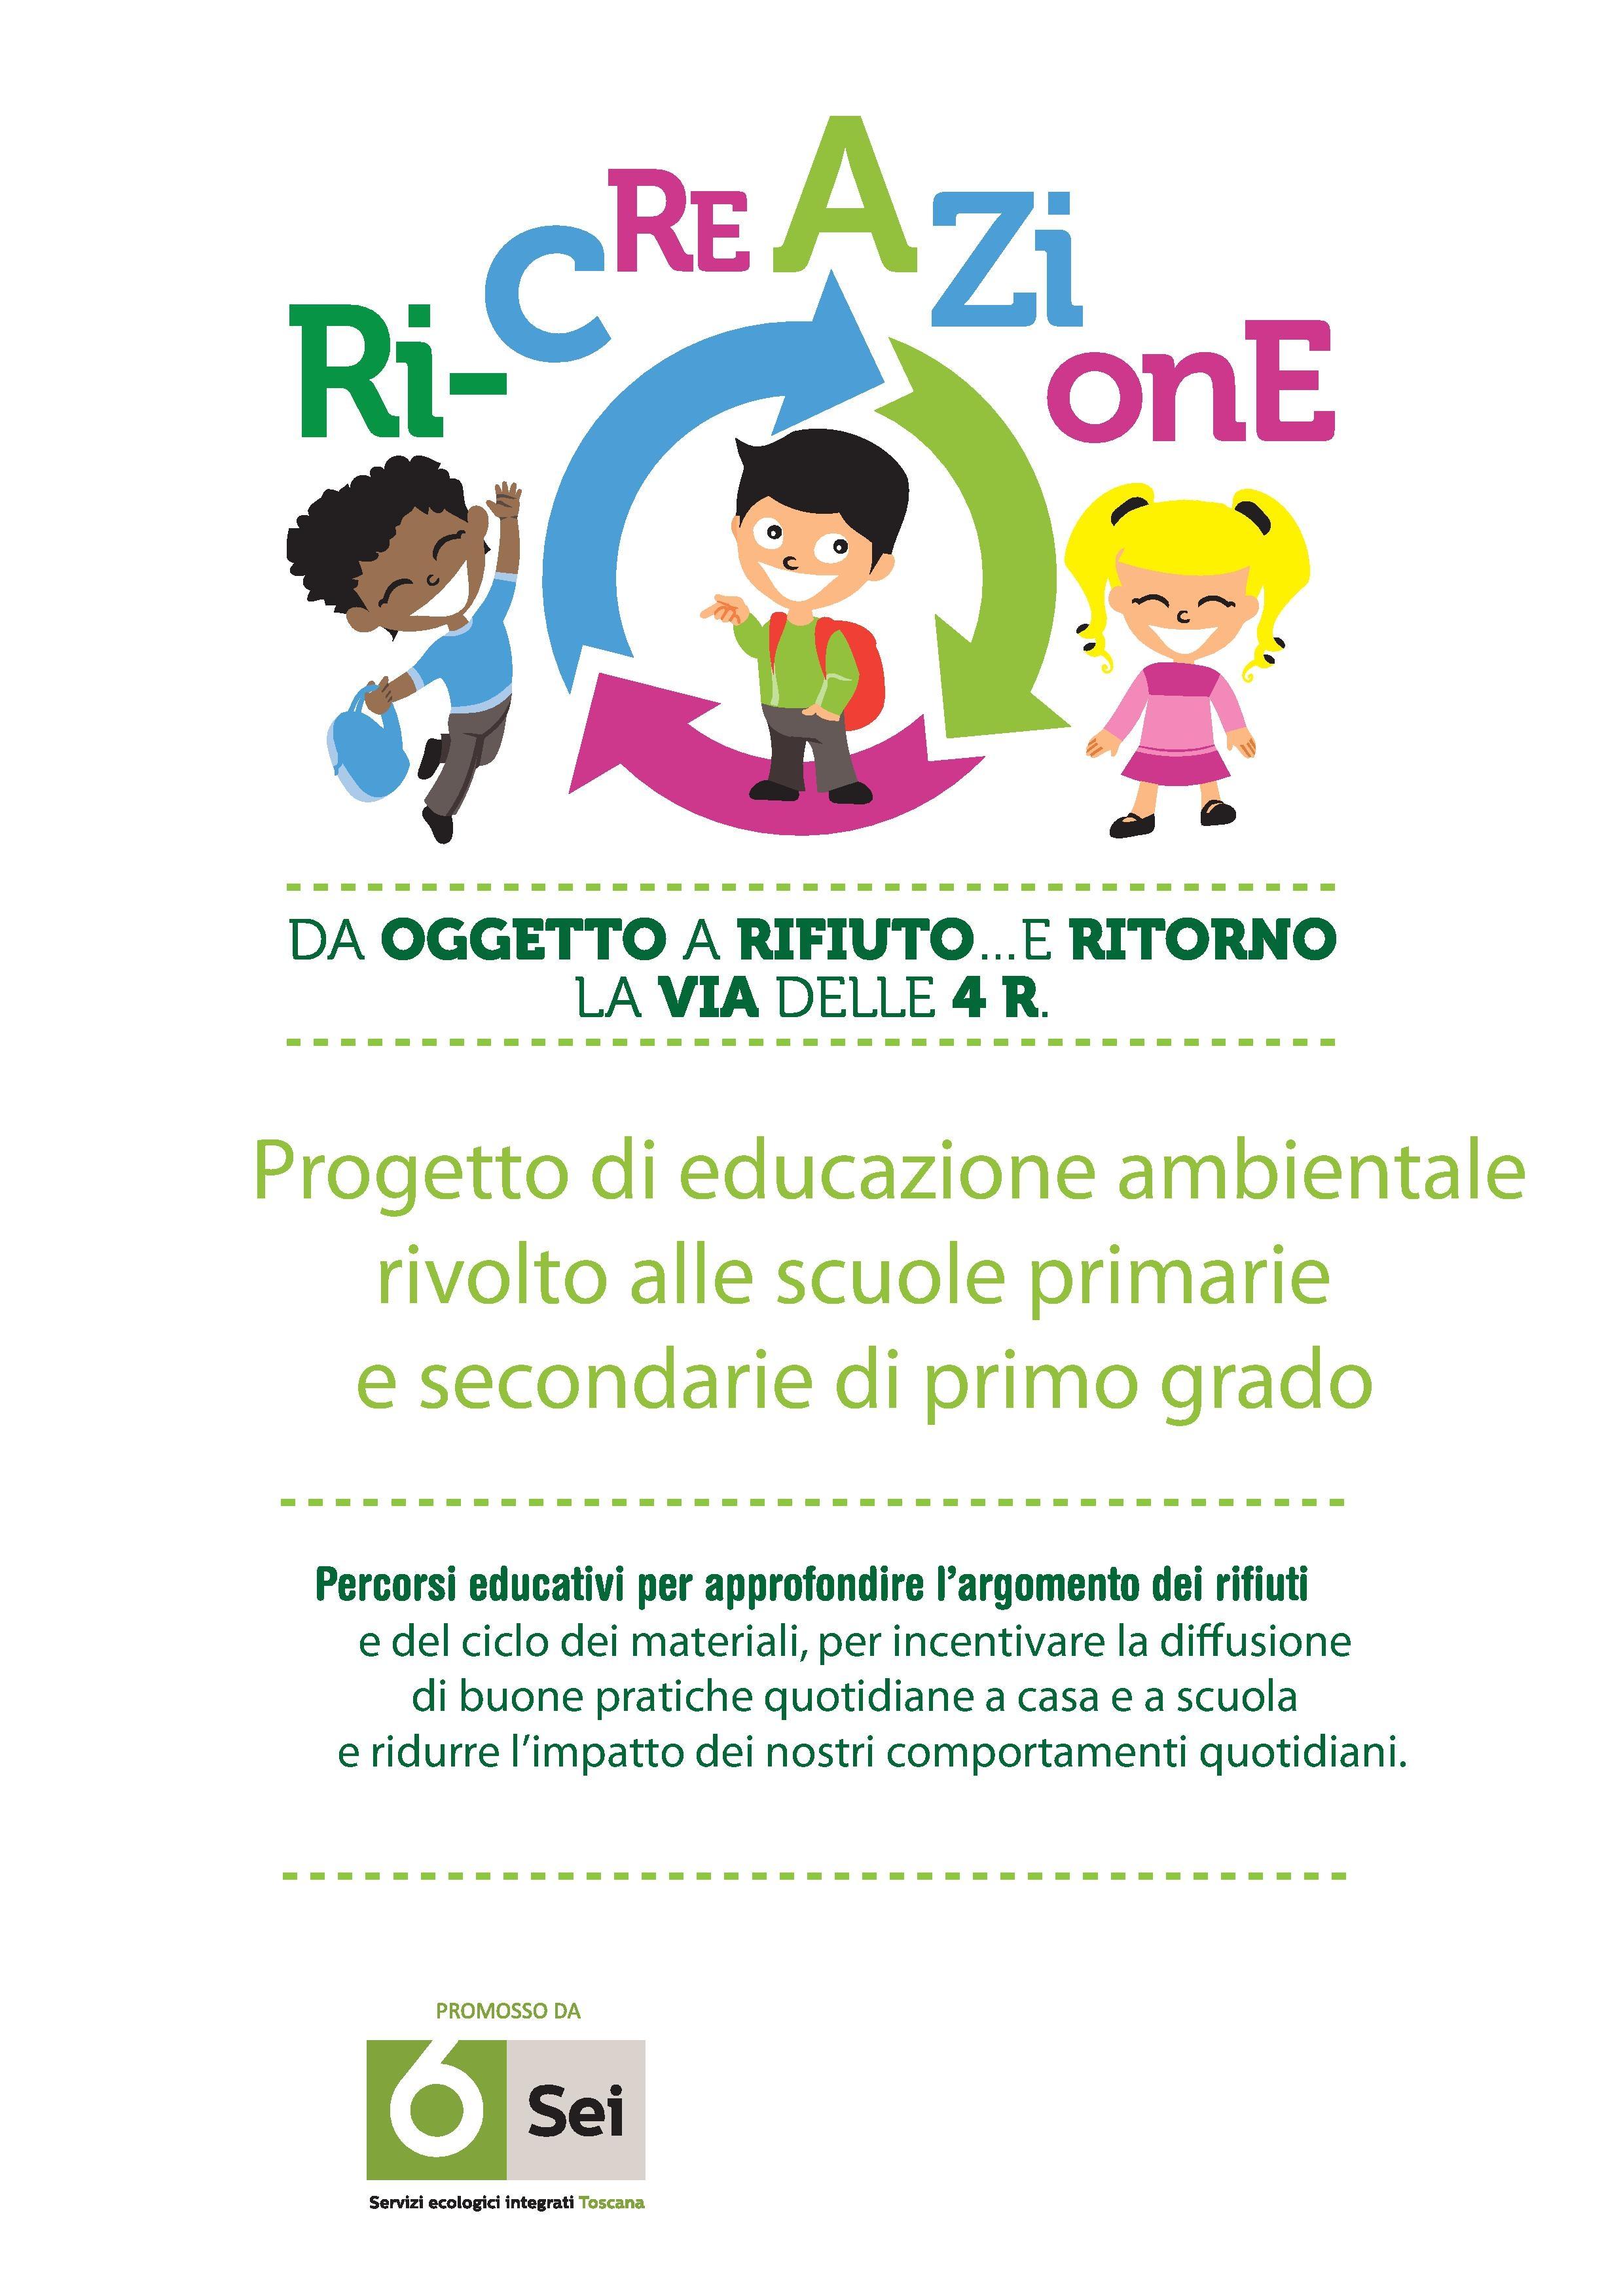 Ri-creazione, progetto di educazione ambientale nelle scuole castiglionesi